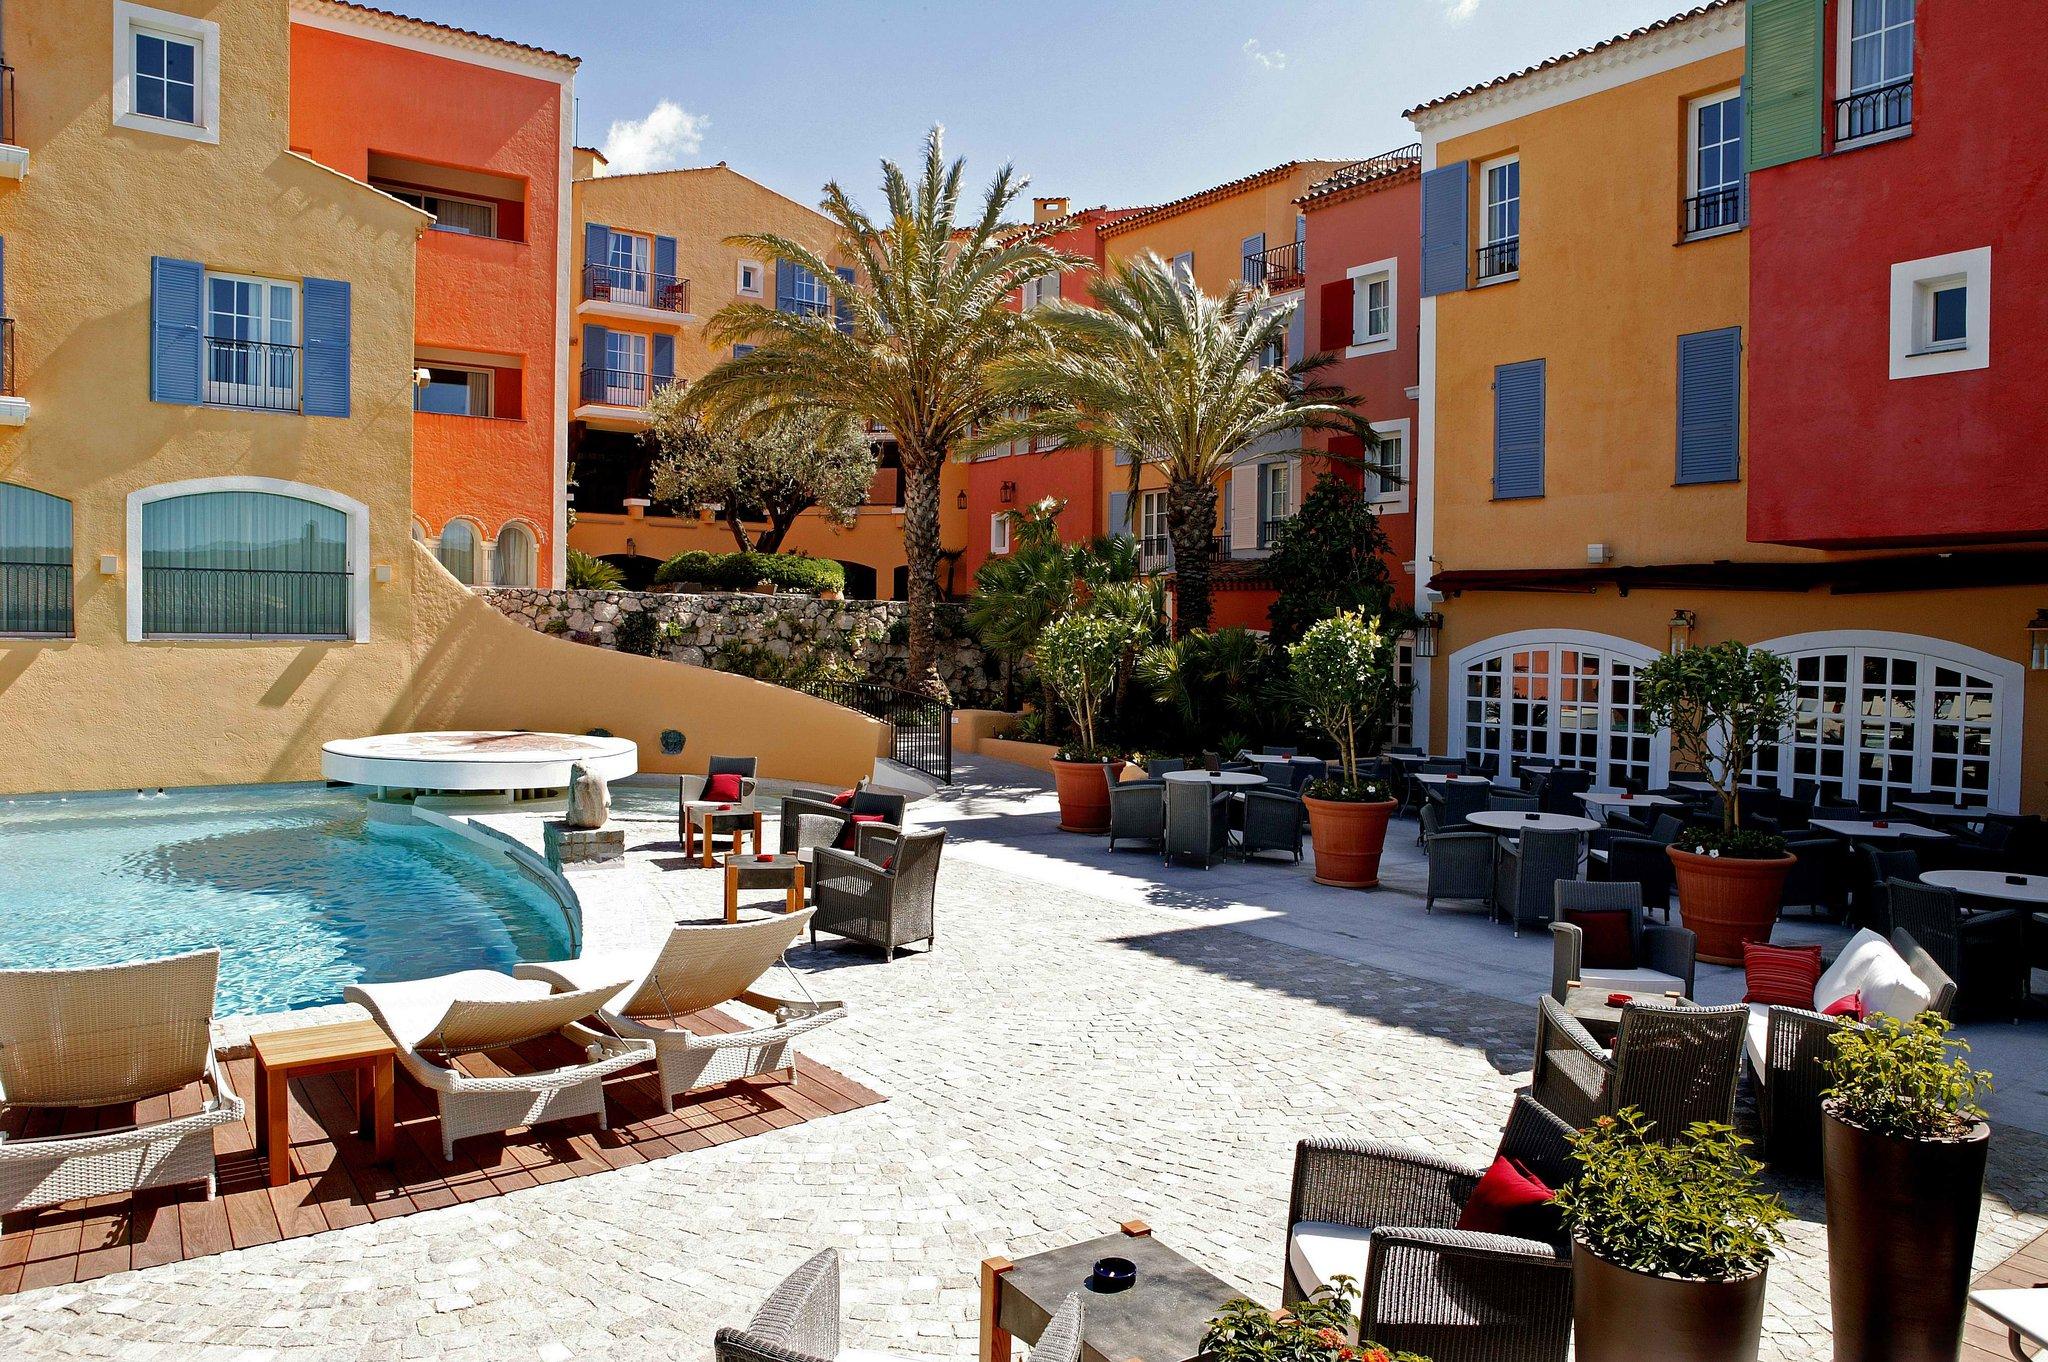 Byblos Saint Tropez